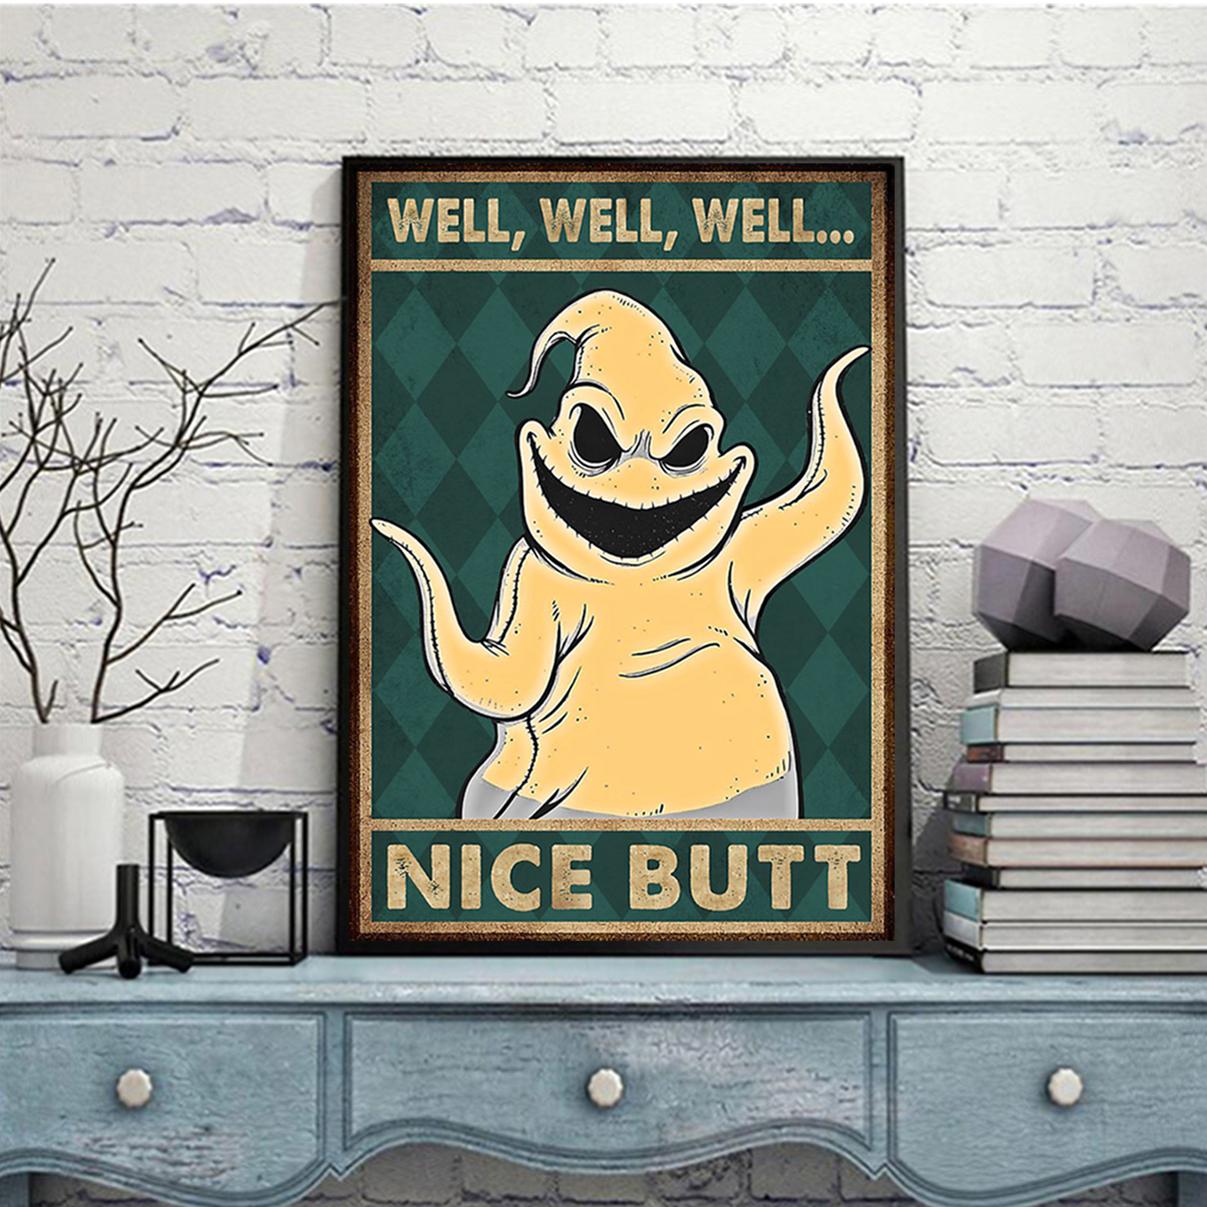 Oogie boogie nice butt poster A1